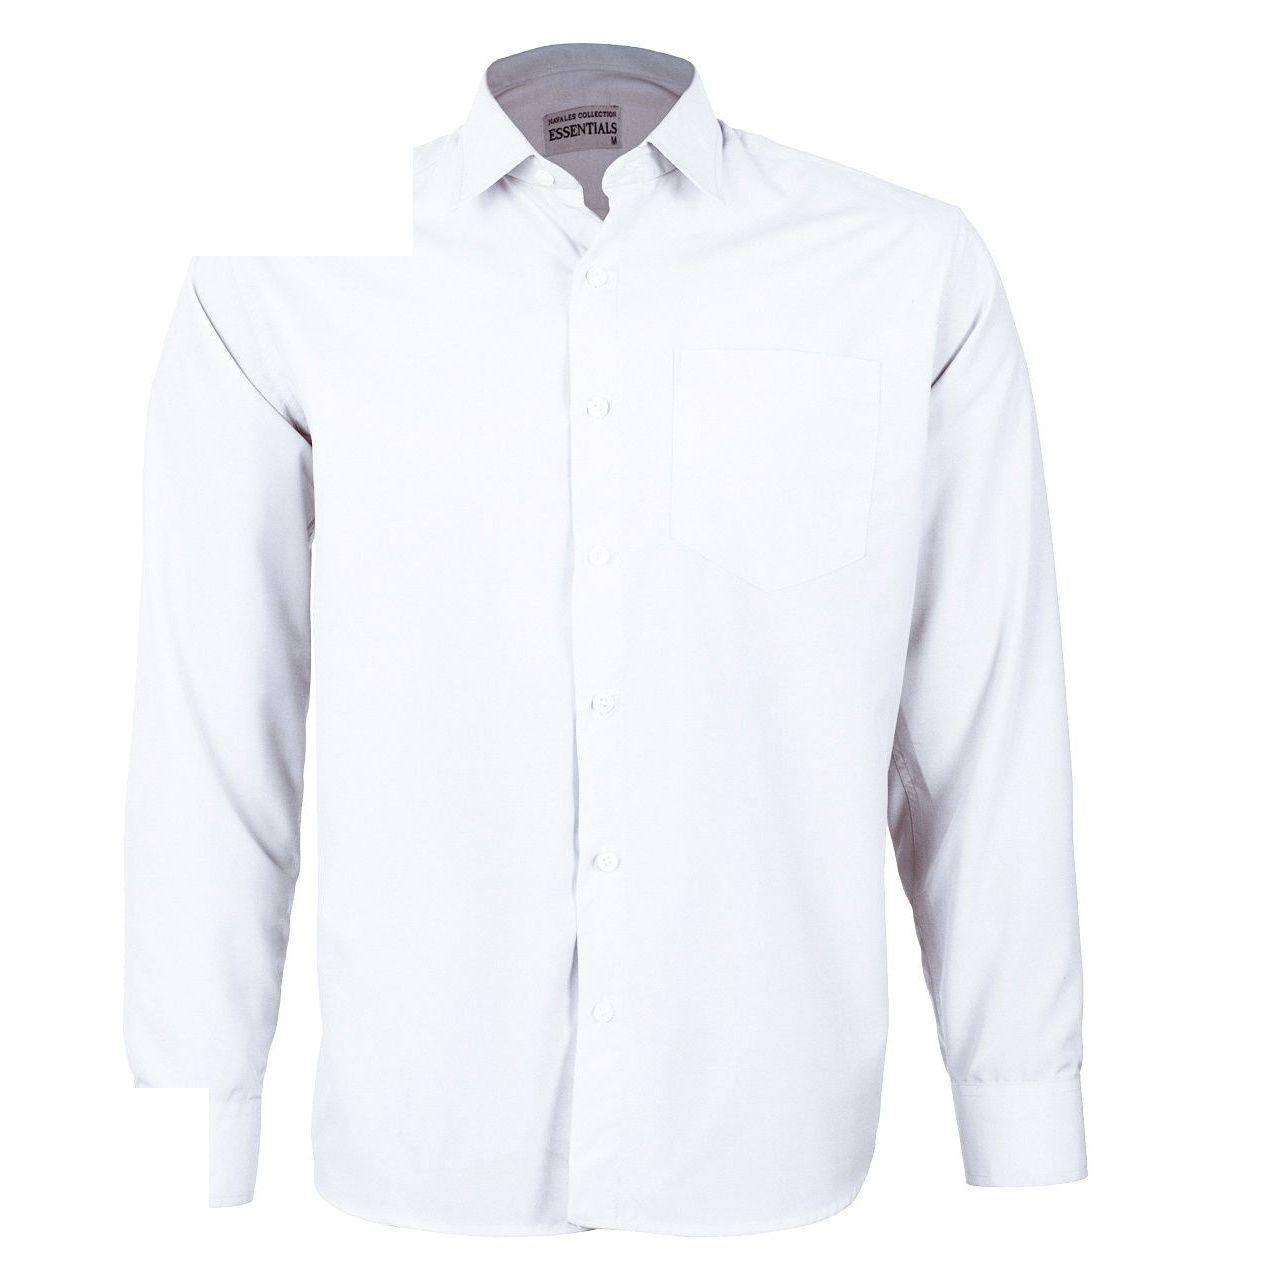 پیراهن مردانه ناوالس کد RegularFit-Tet-wh main 1 1